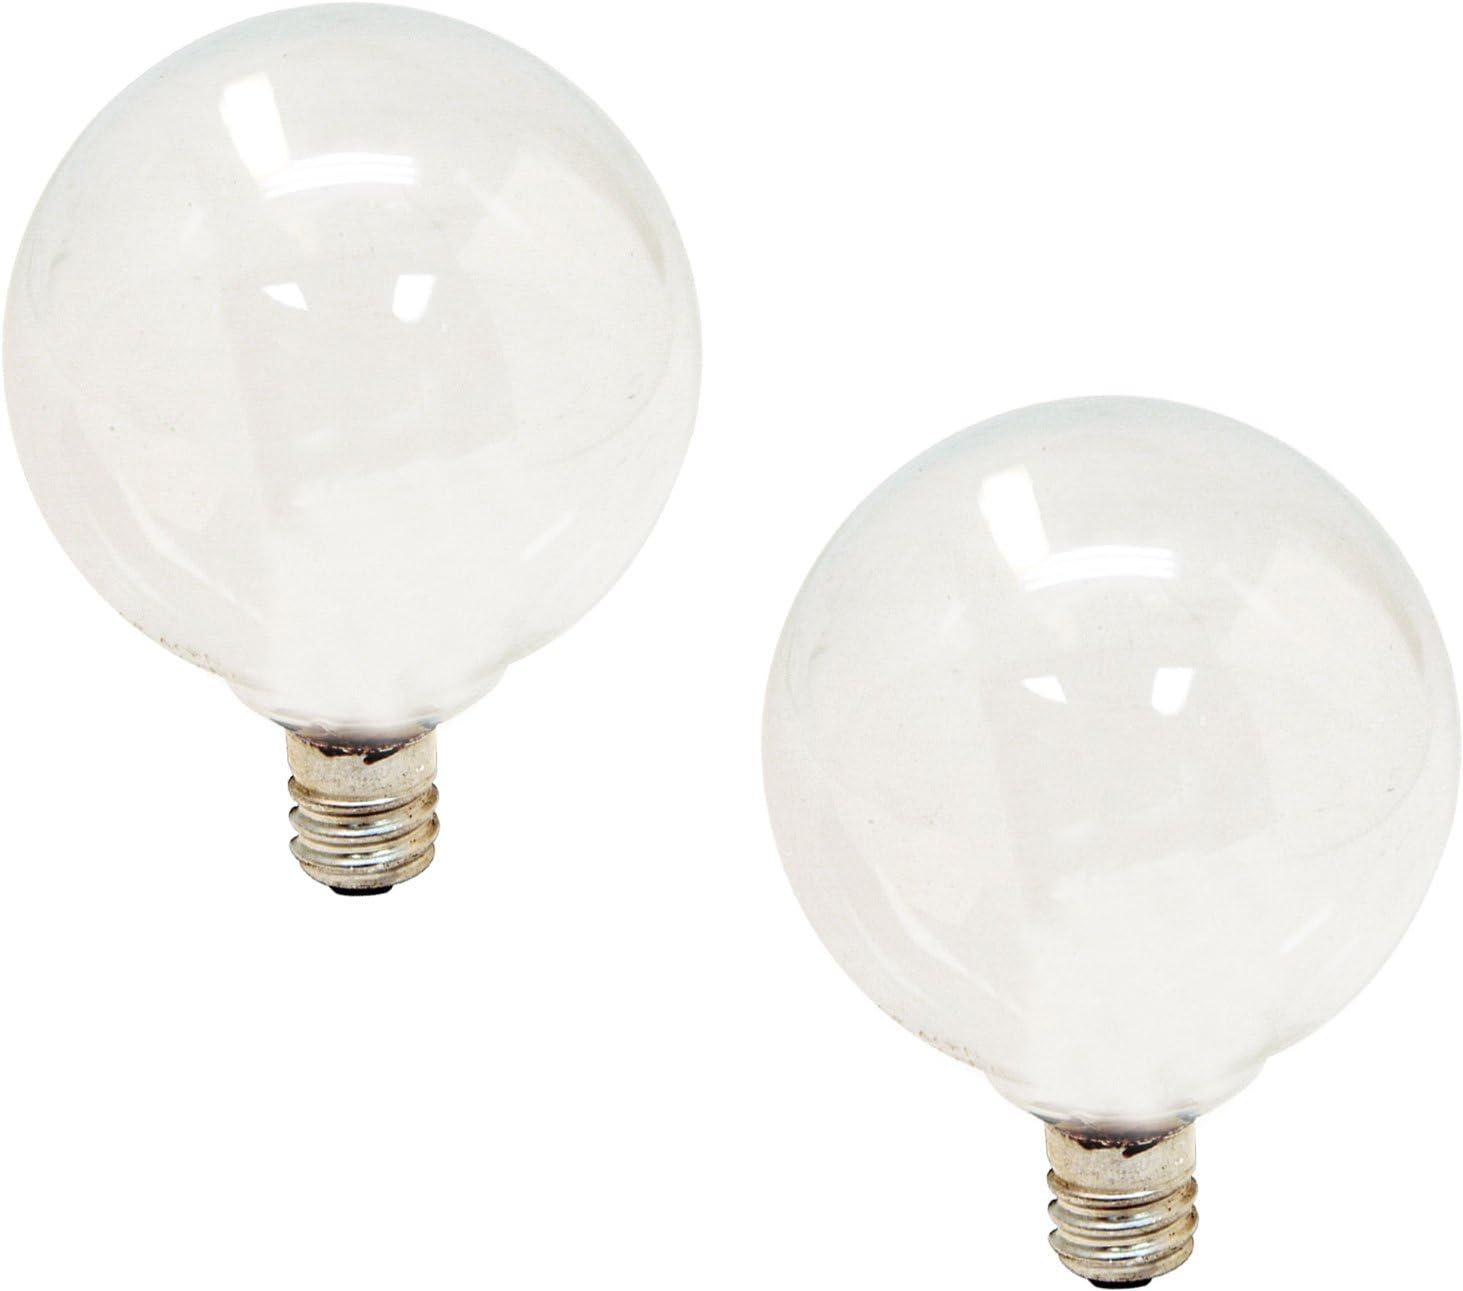 GE Lighting 44414 40-Watt 290-Lumen Decorative G16.5 Light Bulb, Soft White, 2 Count (Pack of 1)